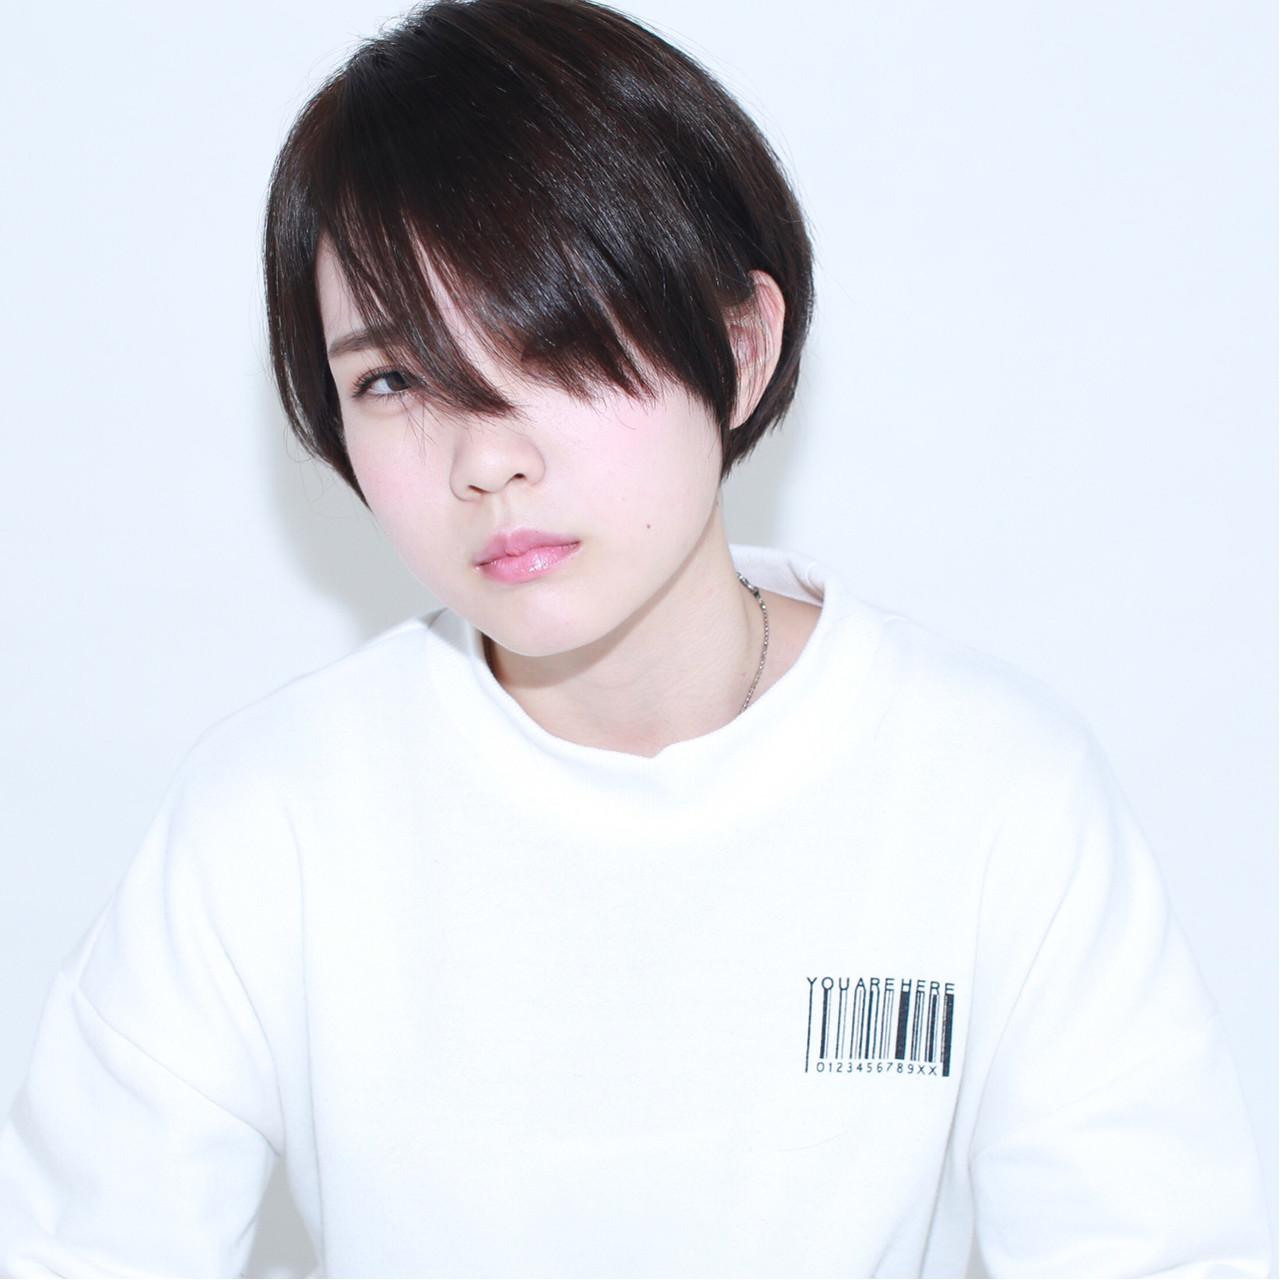 ガーリー アッシュ ショート イルミナカラー ヘアスタイルや髪型の写真・画像